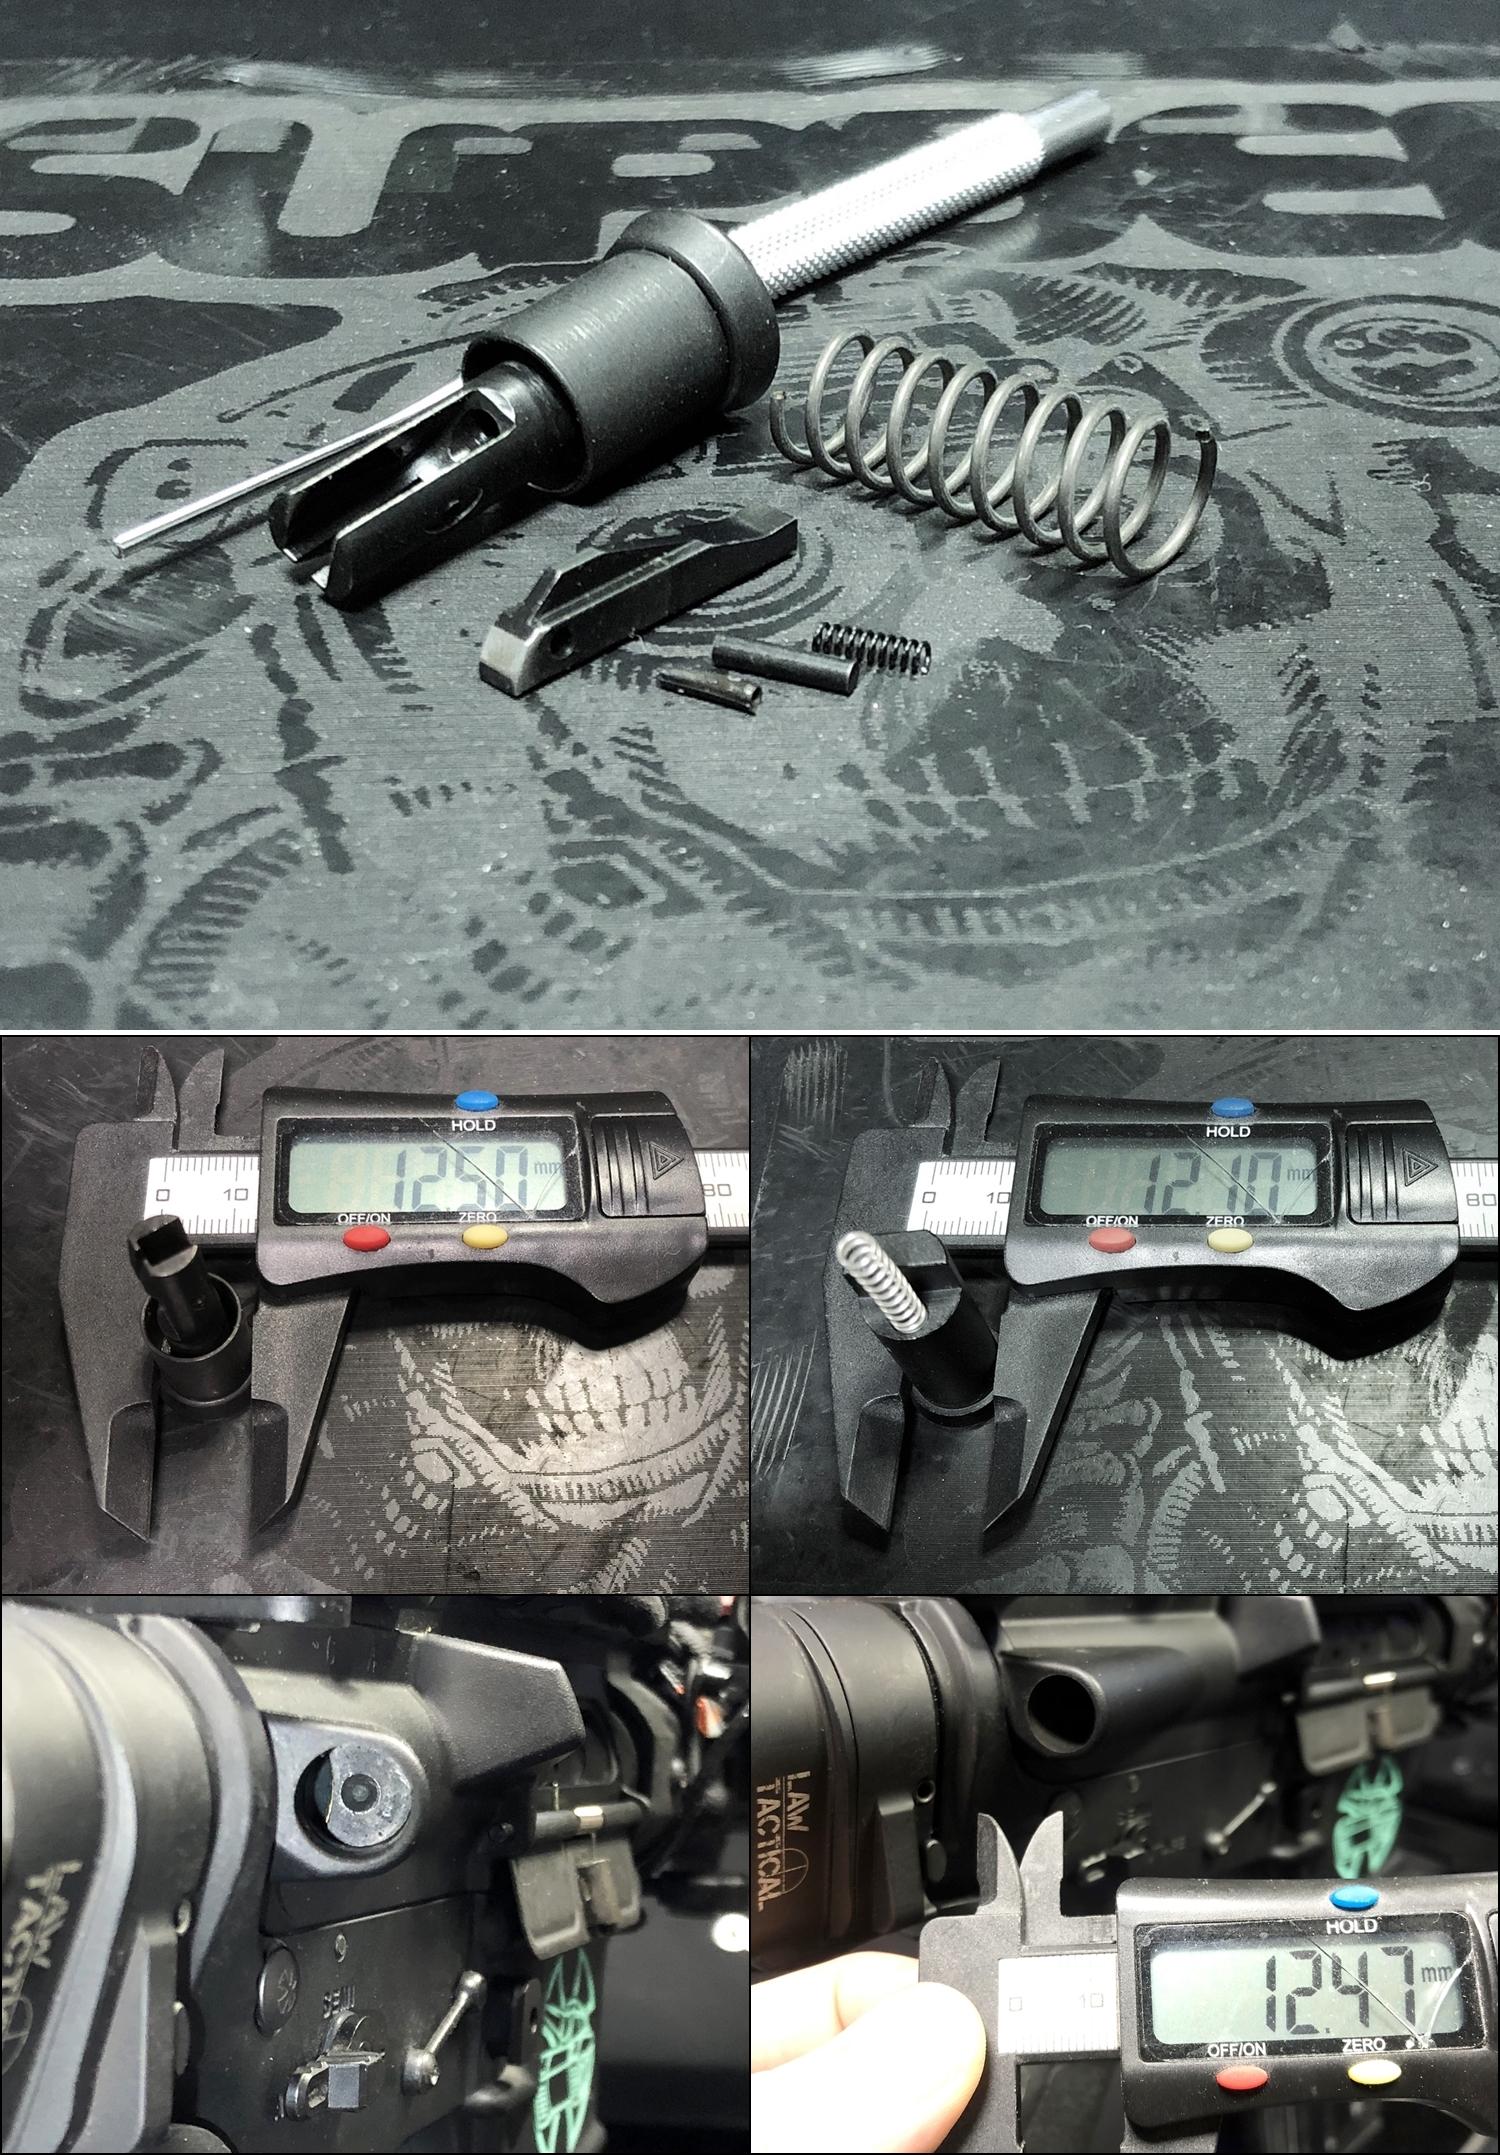 7 実物 NOVESKE MARKED FORWARD ASSIST KIT!! 次世代 AR-15 HILOG M4 N4 プチ DIY カスタム編!! フォワードアシストノブ フォアードアシスト!! 3D DIY 購入 加工 取付 交換 レビュー!!